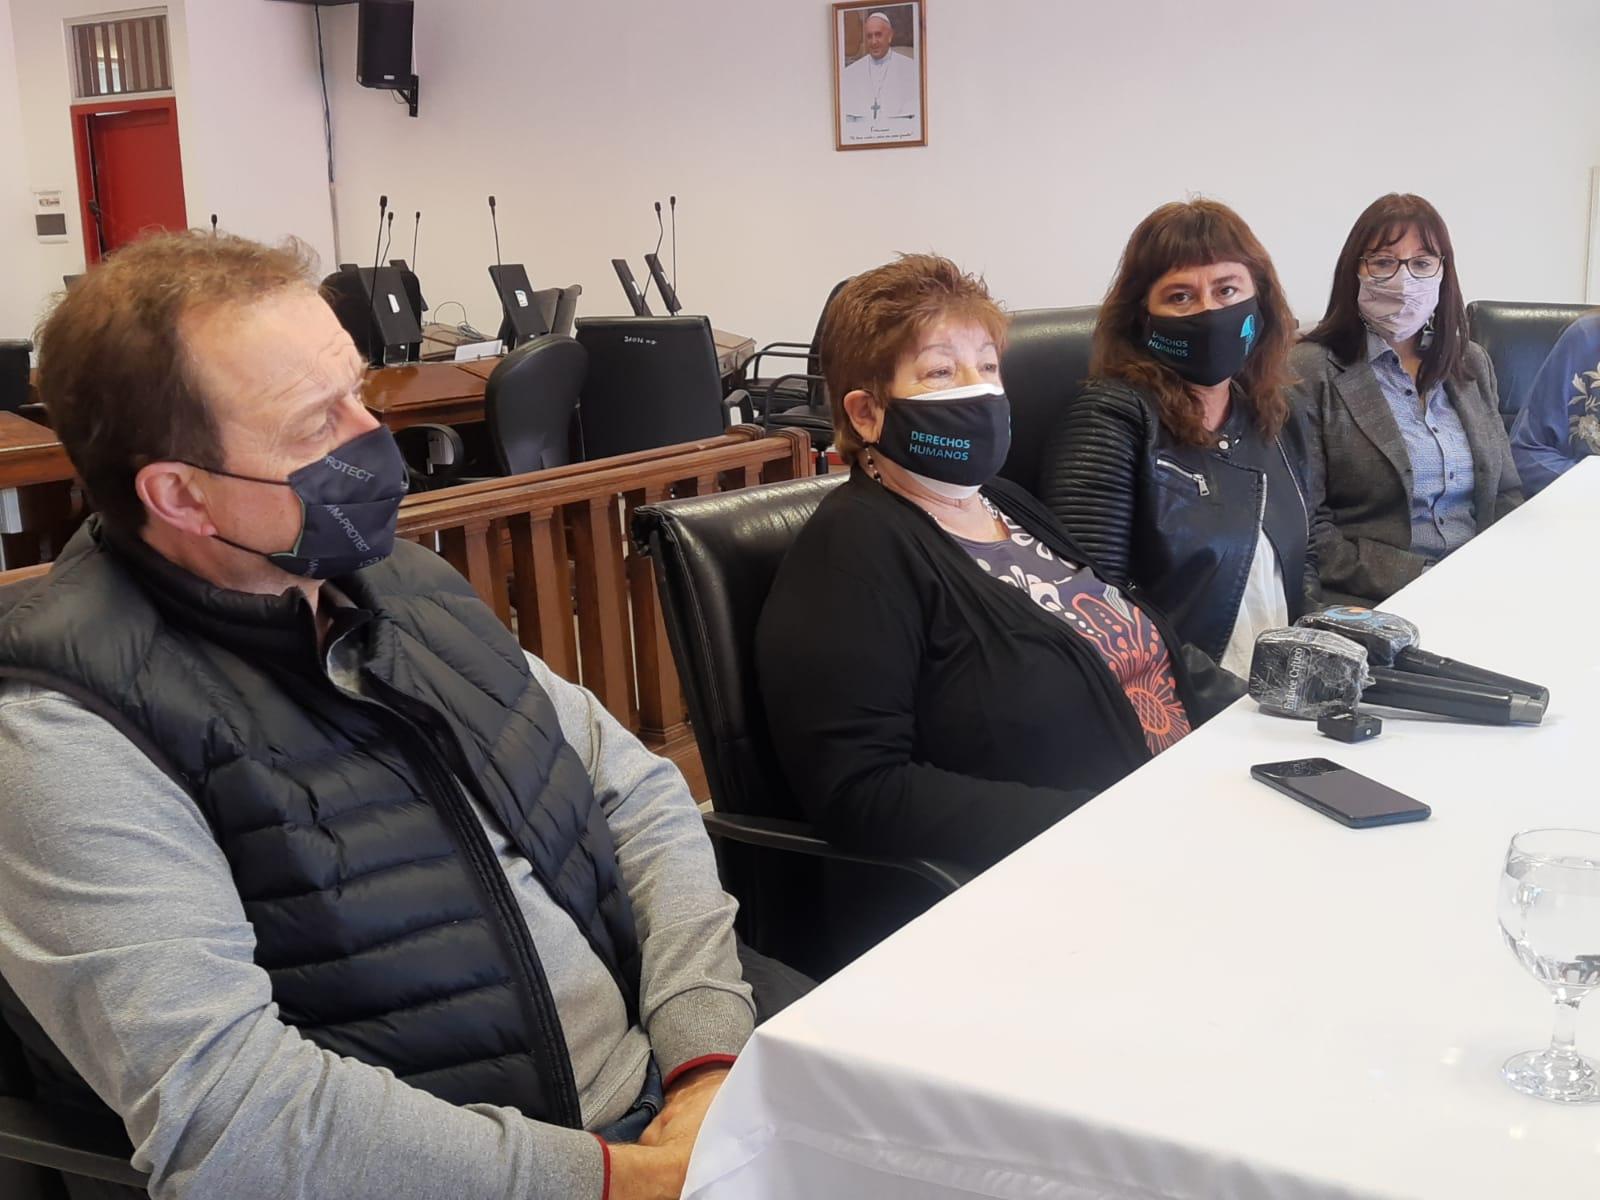 La Iniciativa Latinoamericana para la Identificación de Personas Desaparecidas se llevará a cabo en Zárate